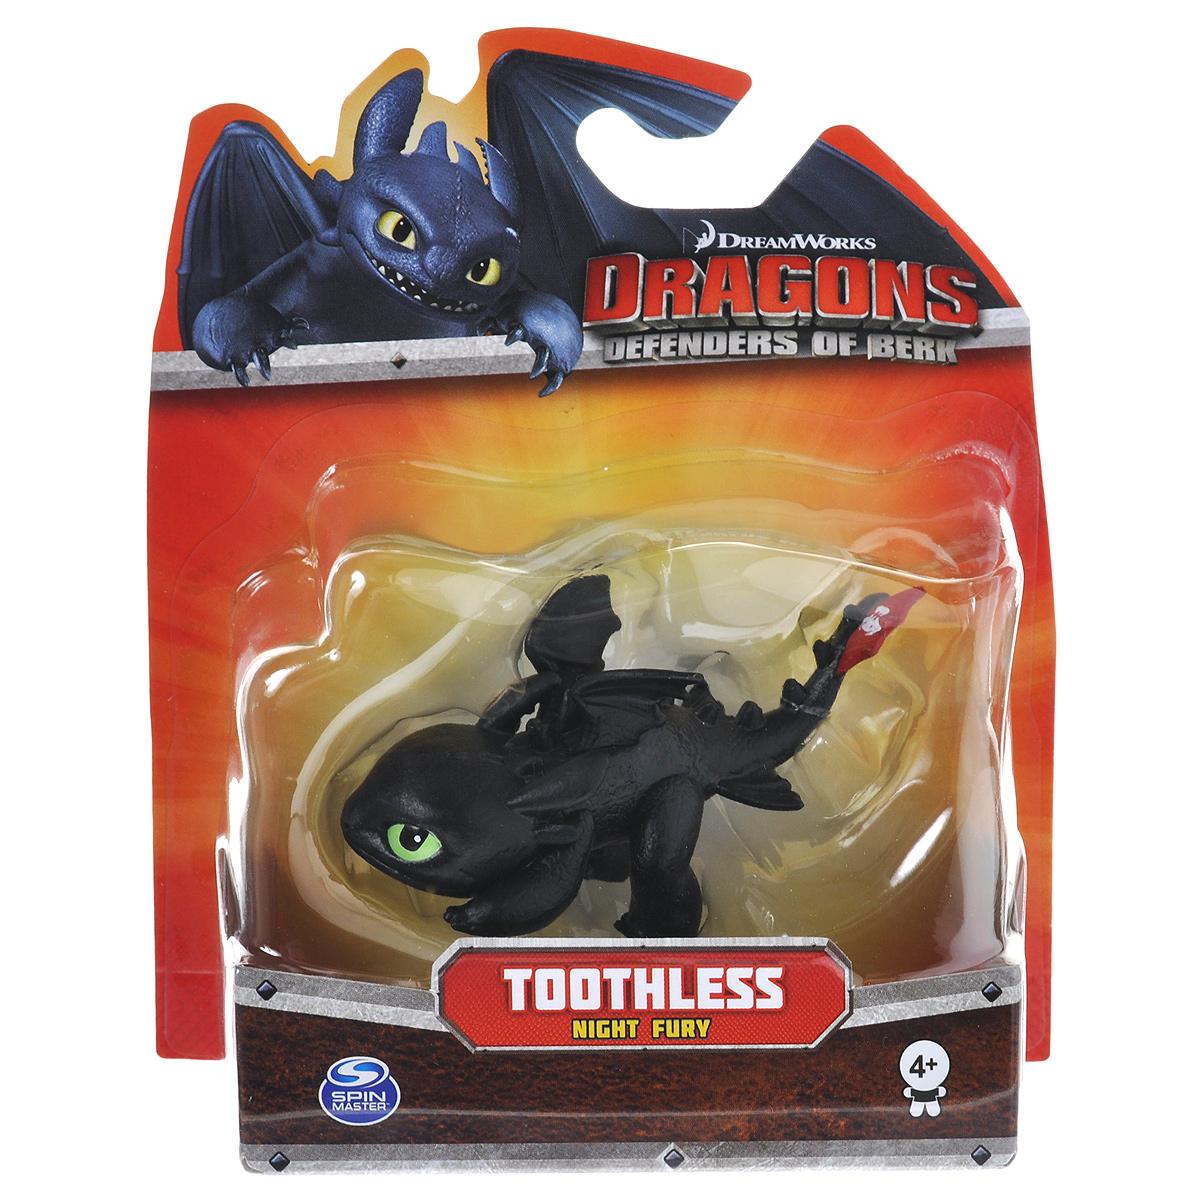 Фигурка Dragons Toothless (Night Fury). 66551_2006440466551_20064404Фигурка Dragons Toothless (Night Fury) непременно придется по душе вашему ребенку. Фигурка выполнена из безопасного материала в виде дракона Беззубика из мультфильма Как приручить дракона. У фигурки двигаются голова и лапки, что позволит придавать ей различные позы. С такой фигуркой ваш ребенок окунется в гущи событий мультфильма, будет проигрывать любимые сцены или придумывать свои истории!